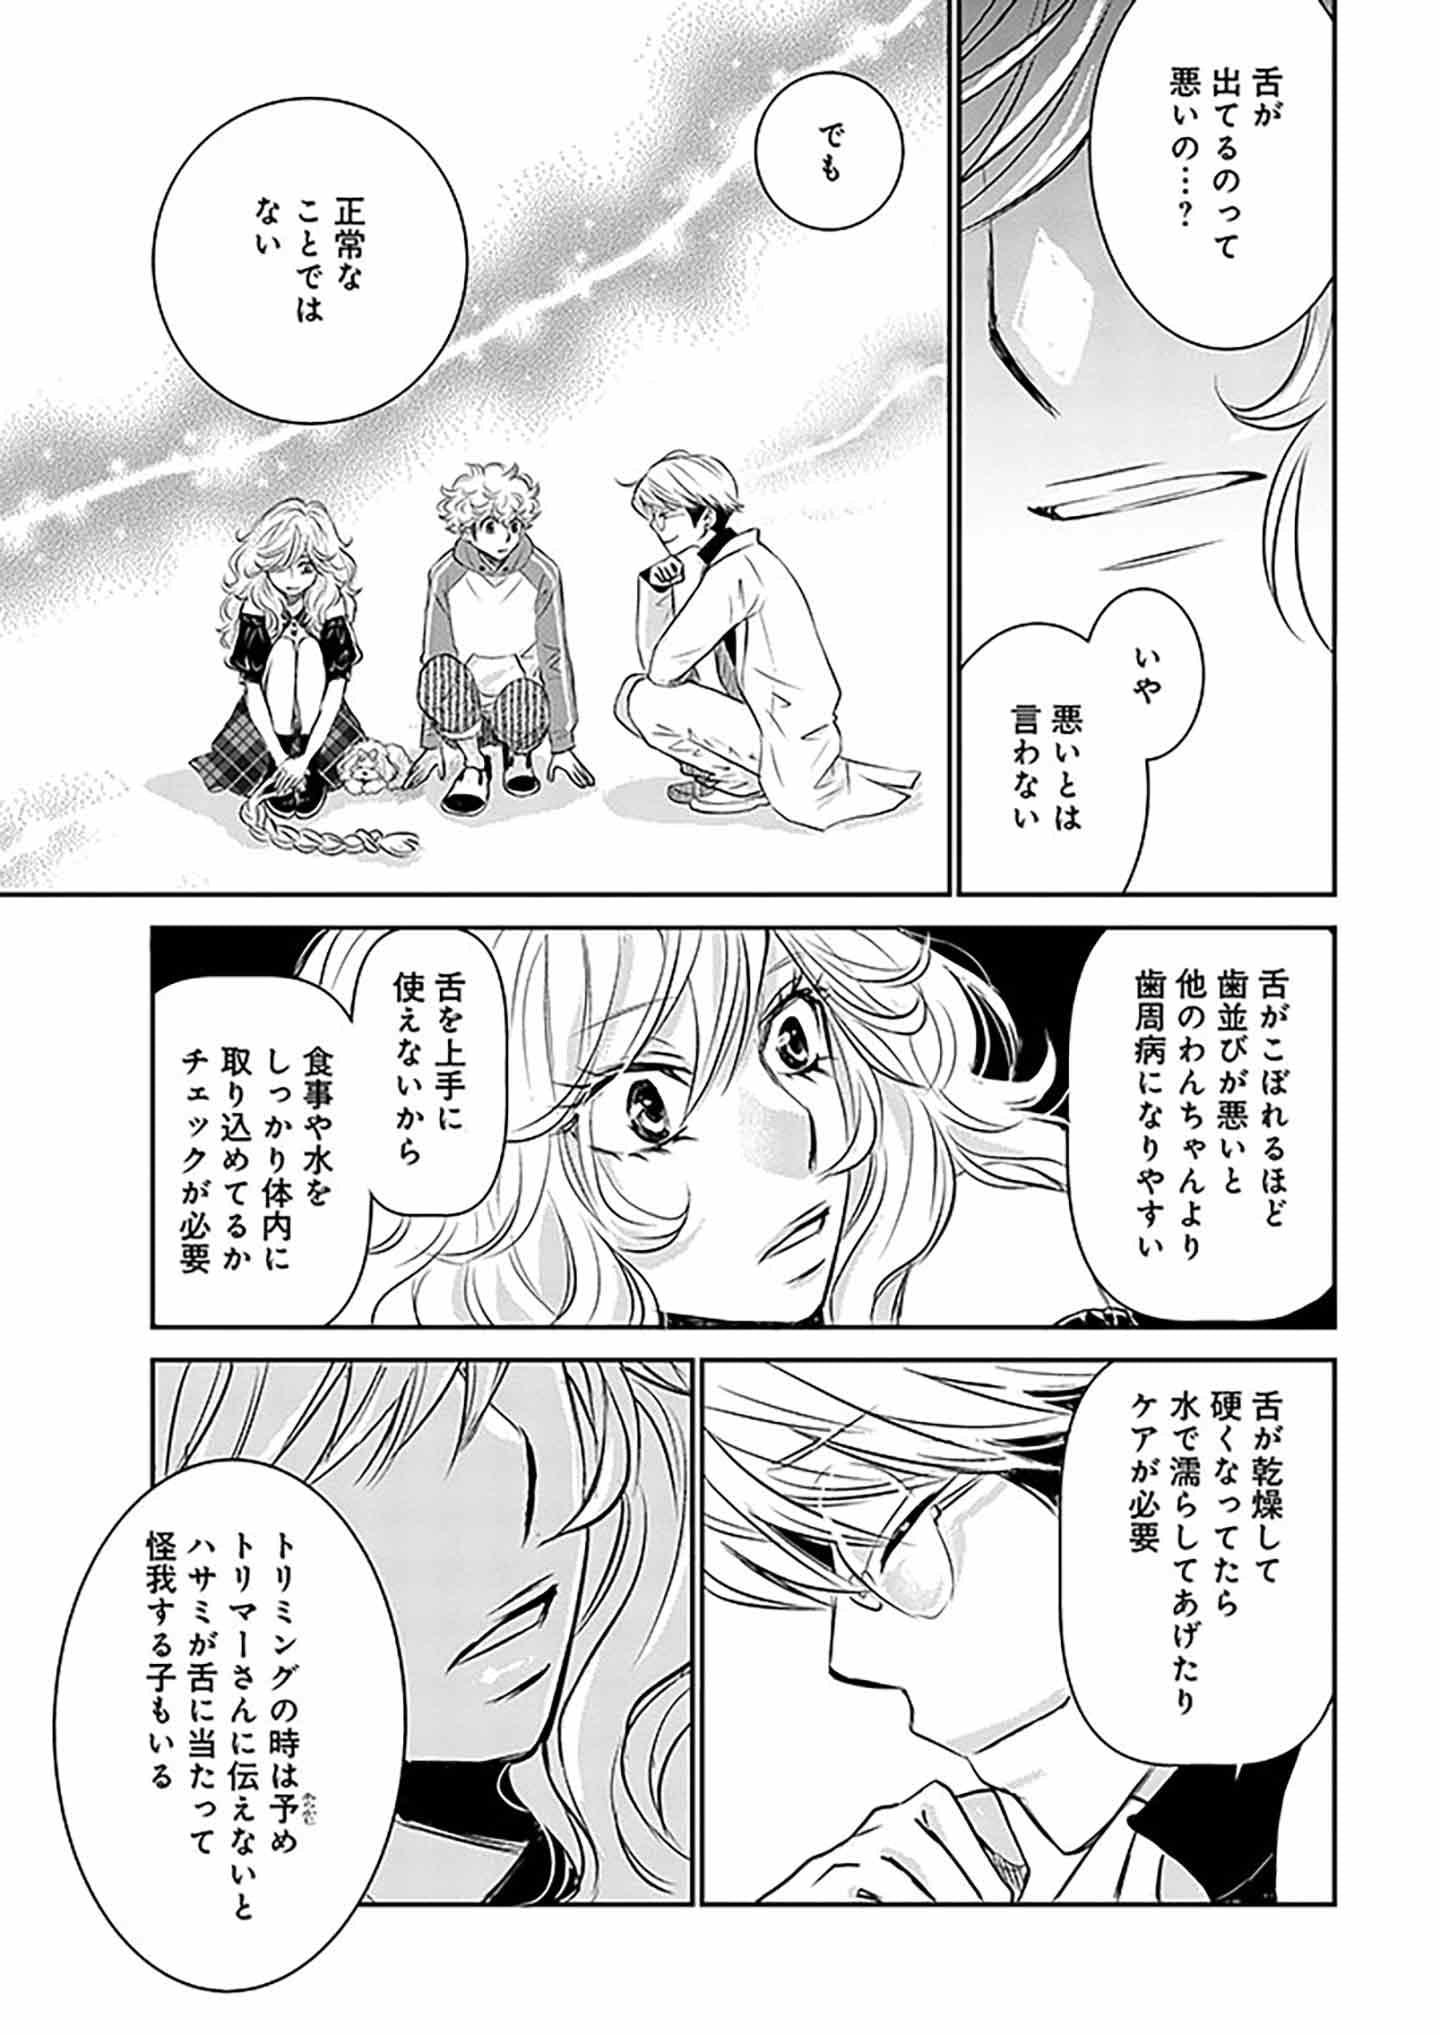 『DOG SIGNAL』16話目④ 3ページ目